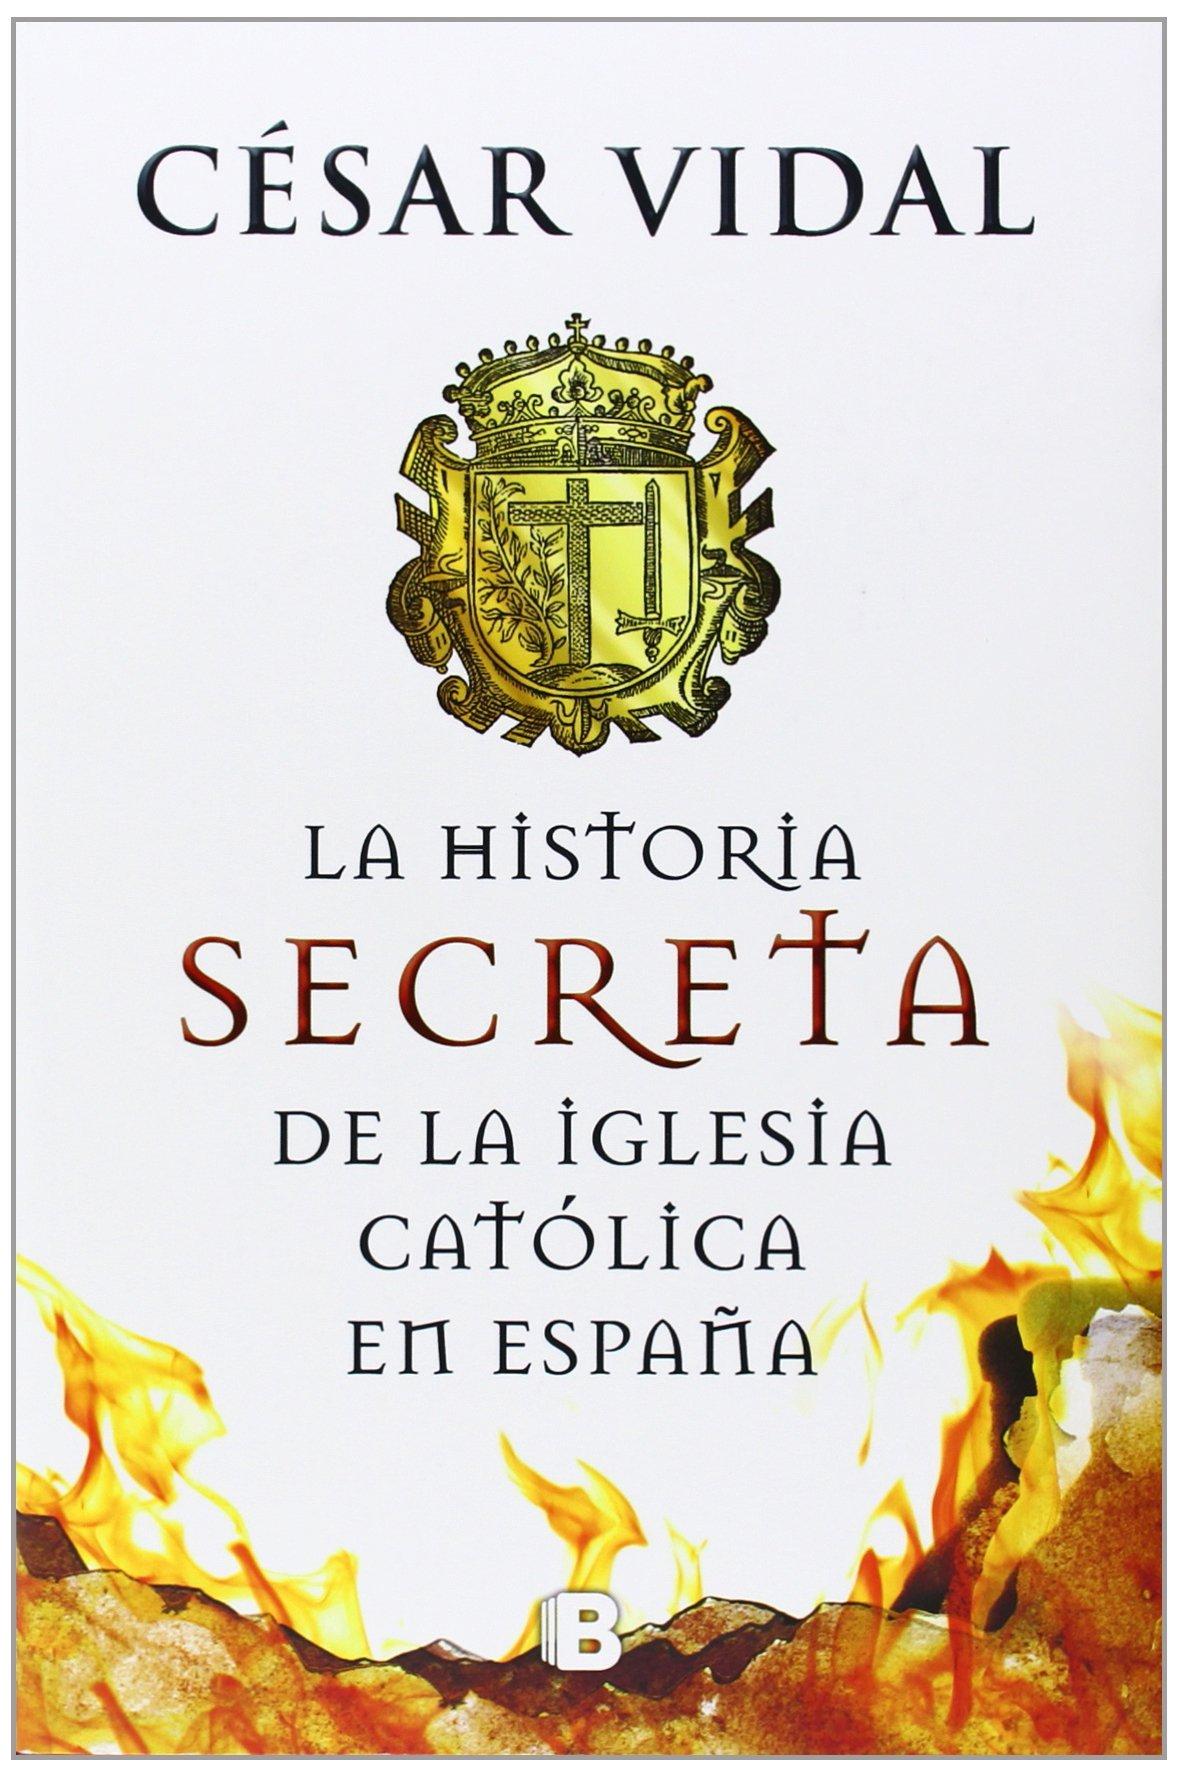 Hijo De Perdición. Historia Secreta De La Iglesia Católica En España NB NO FICCION de Cesar Vidal 7 may 2014 Tapa dura: Amazon.es: Libros